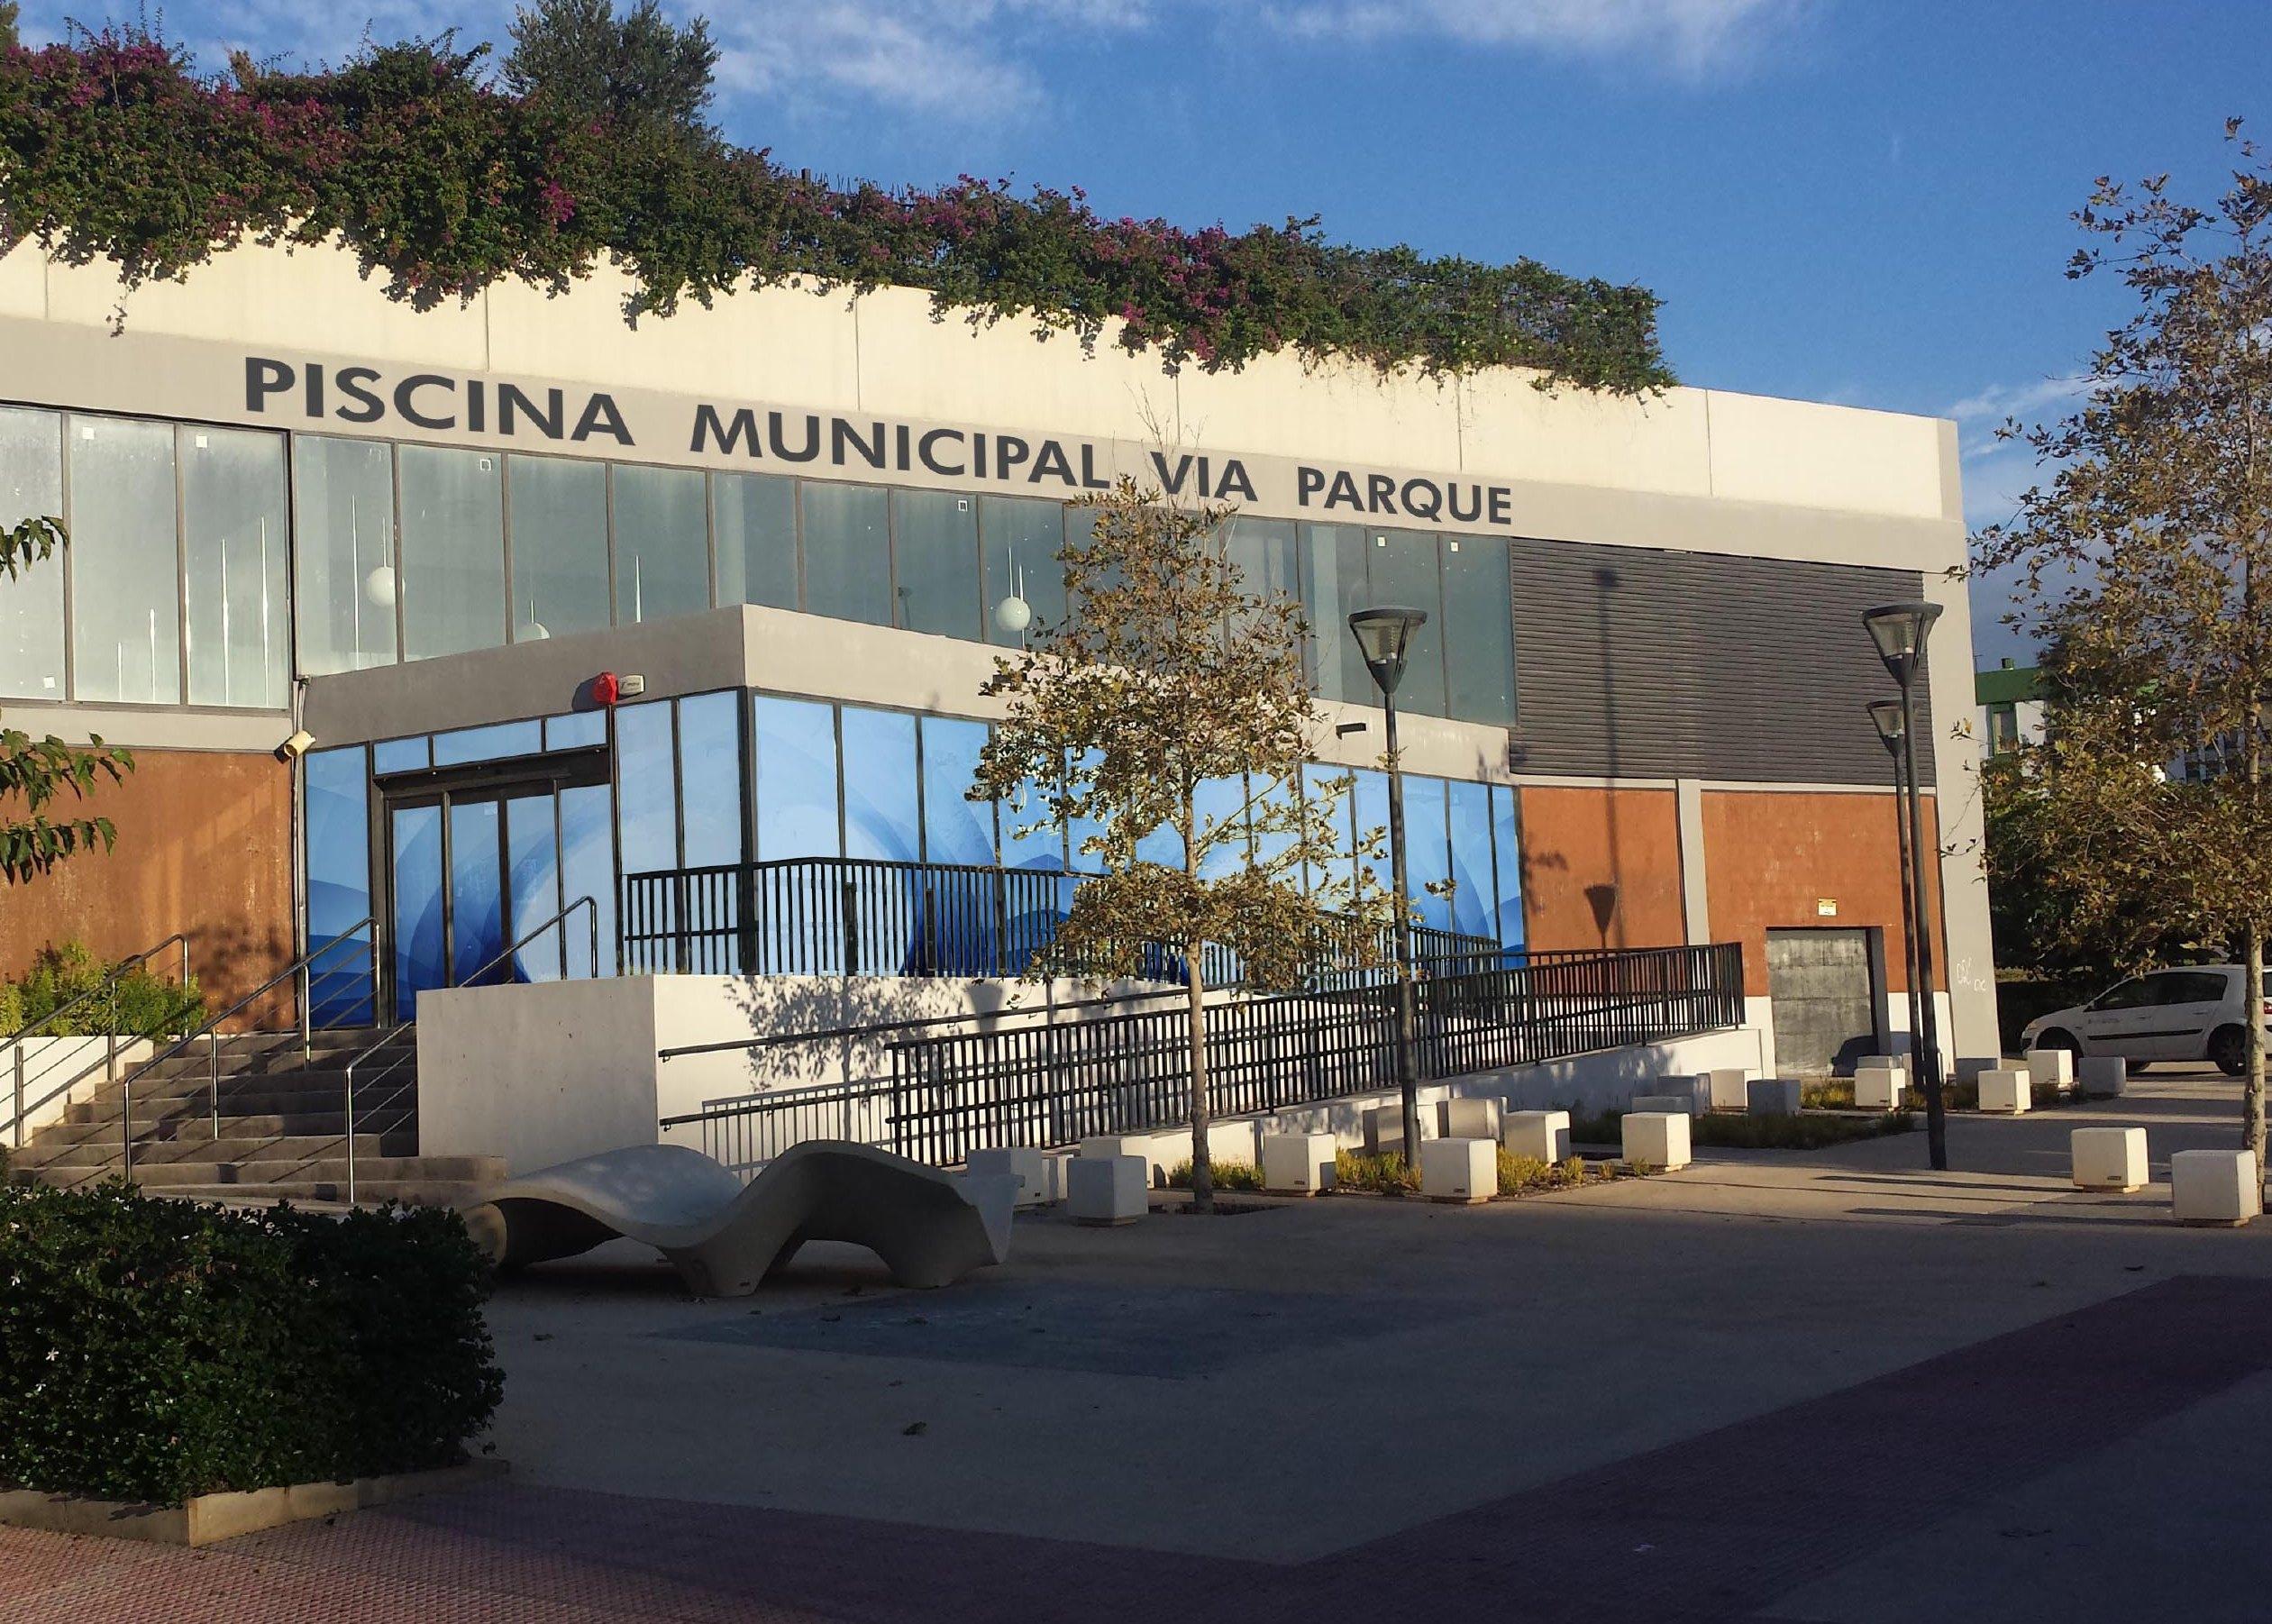 Piscina Municipal Via Parque Ayuntamiento De Alicante